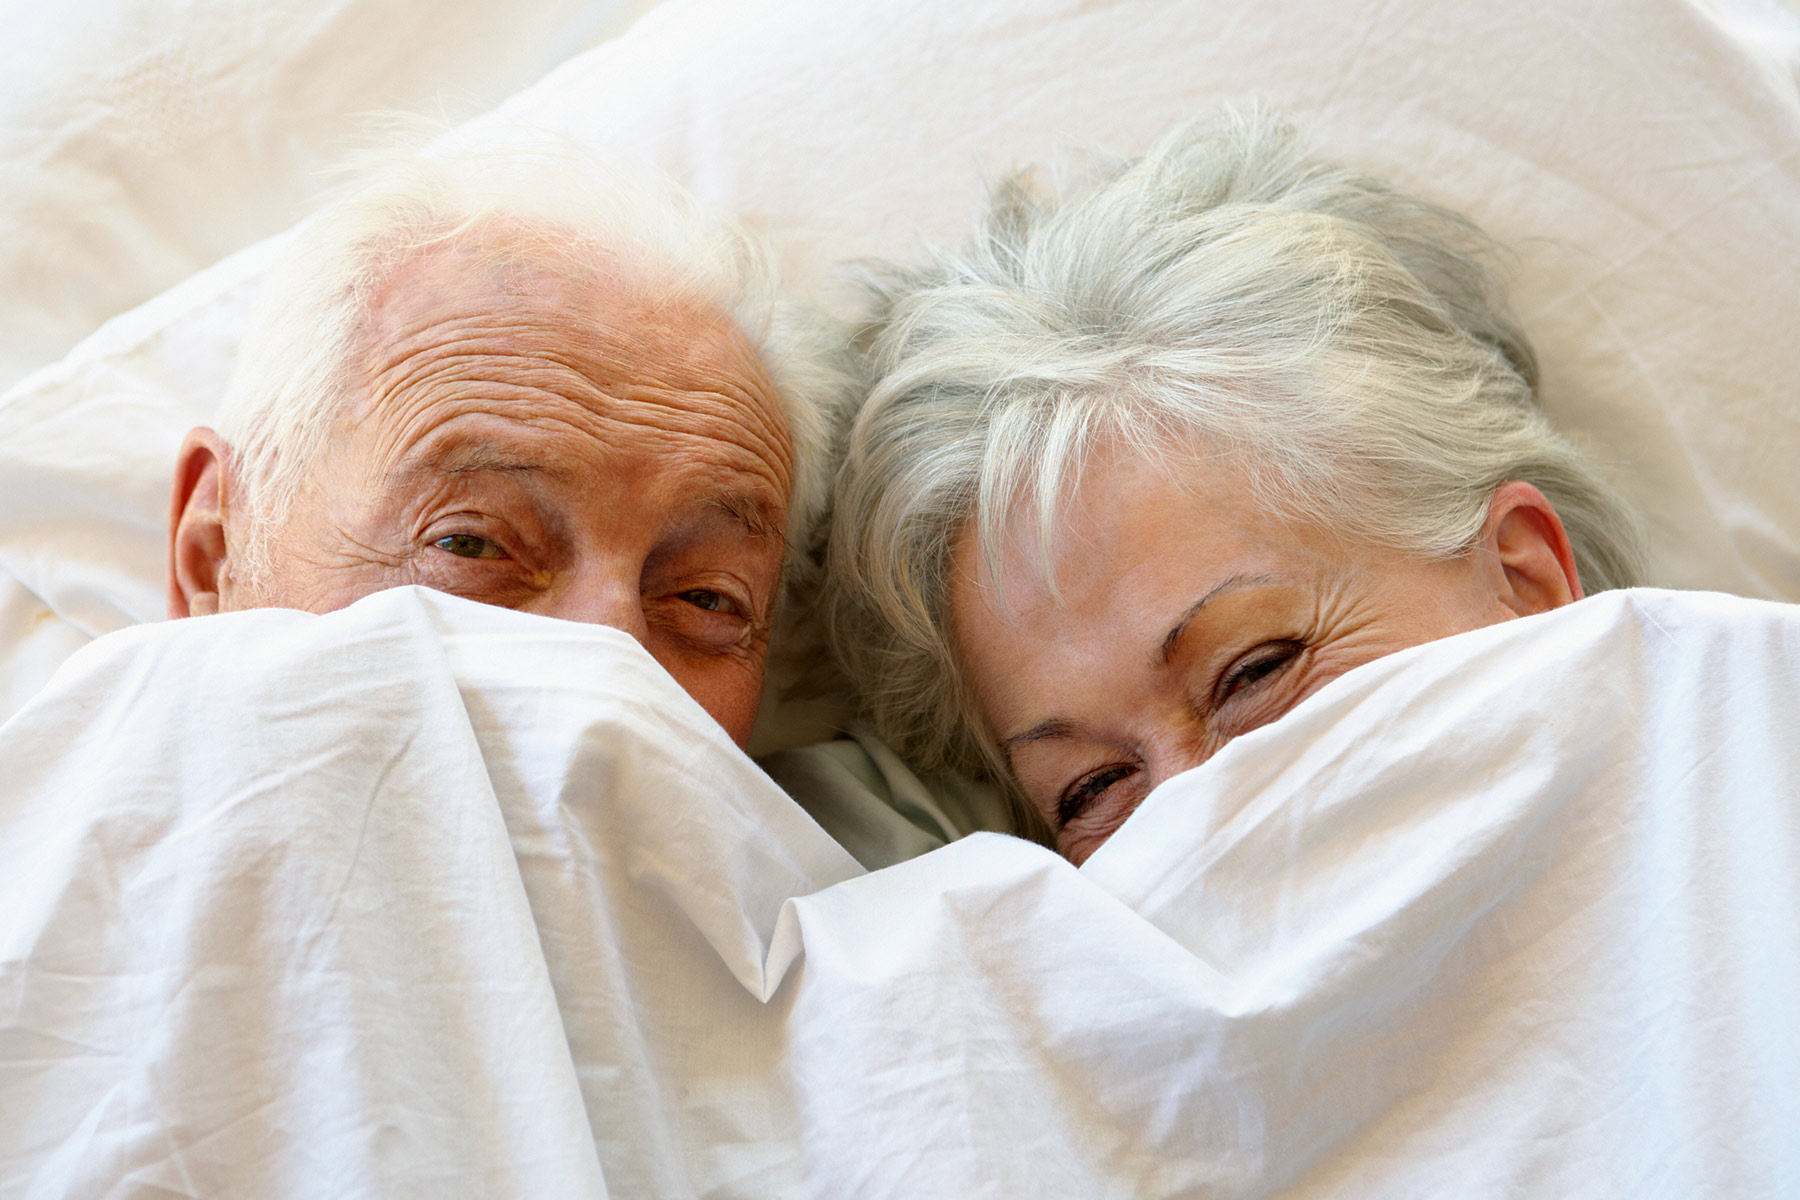 Các nhà khoa học nói gì về nhu cầu tình dục ở người cao tuổi?